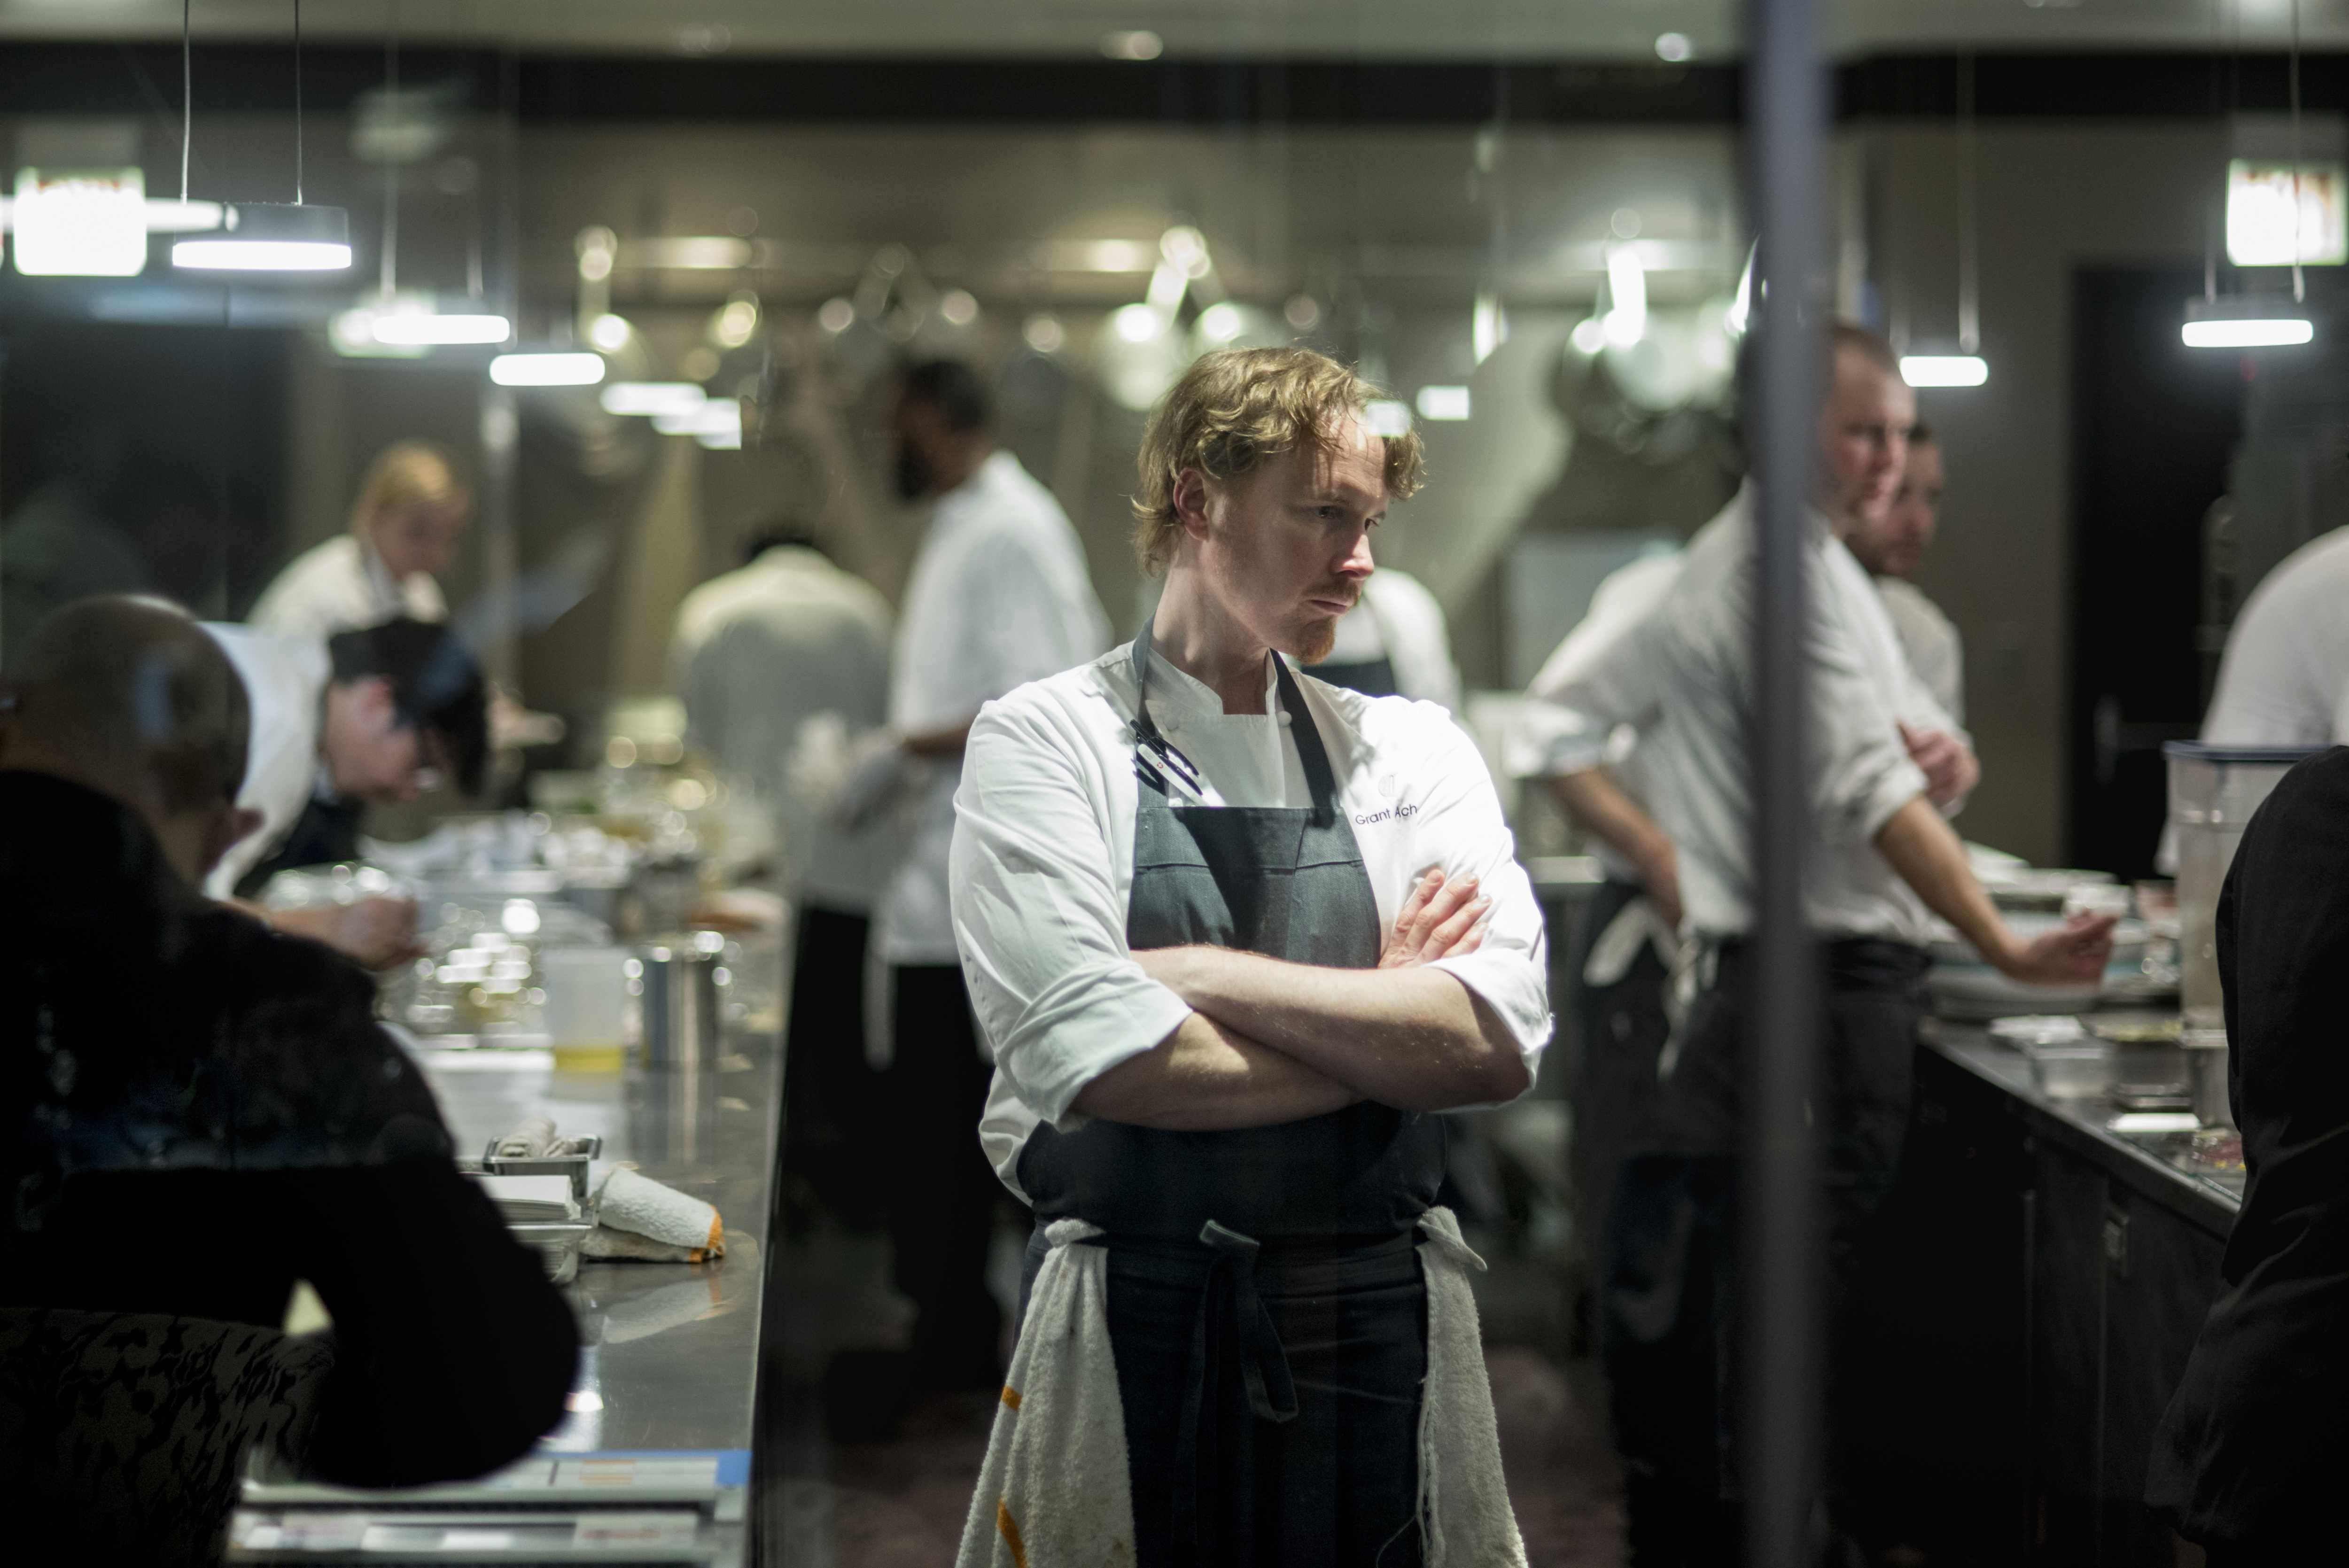 اختيار الشيف: خمسة من أفضل المطاعم على مستوى نيويورك